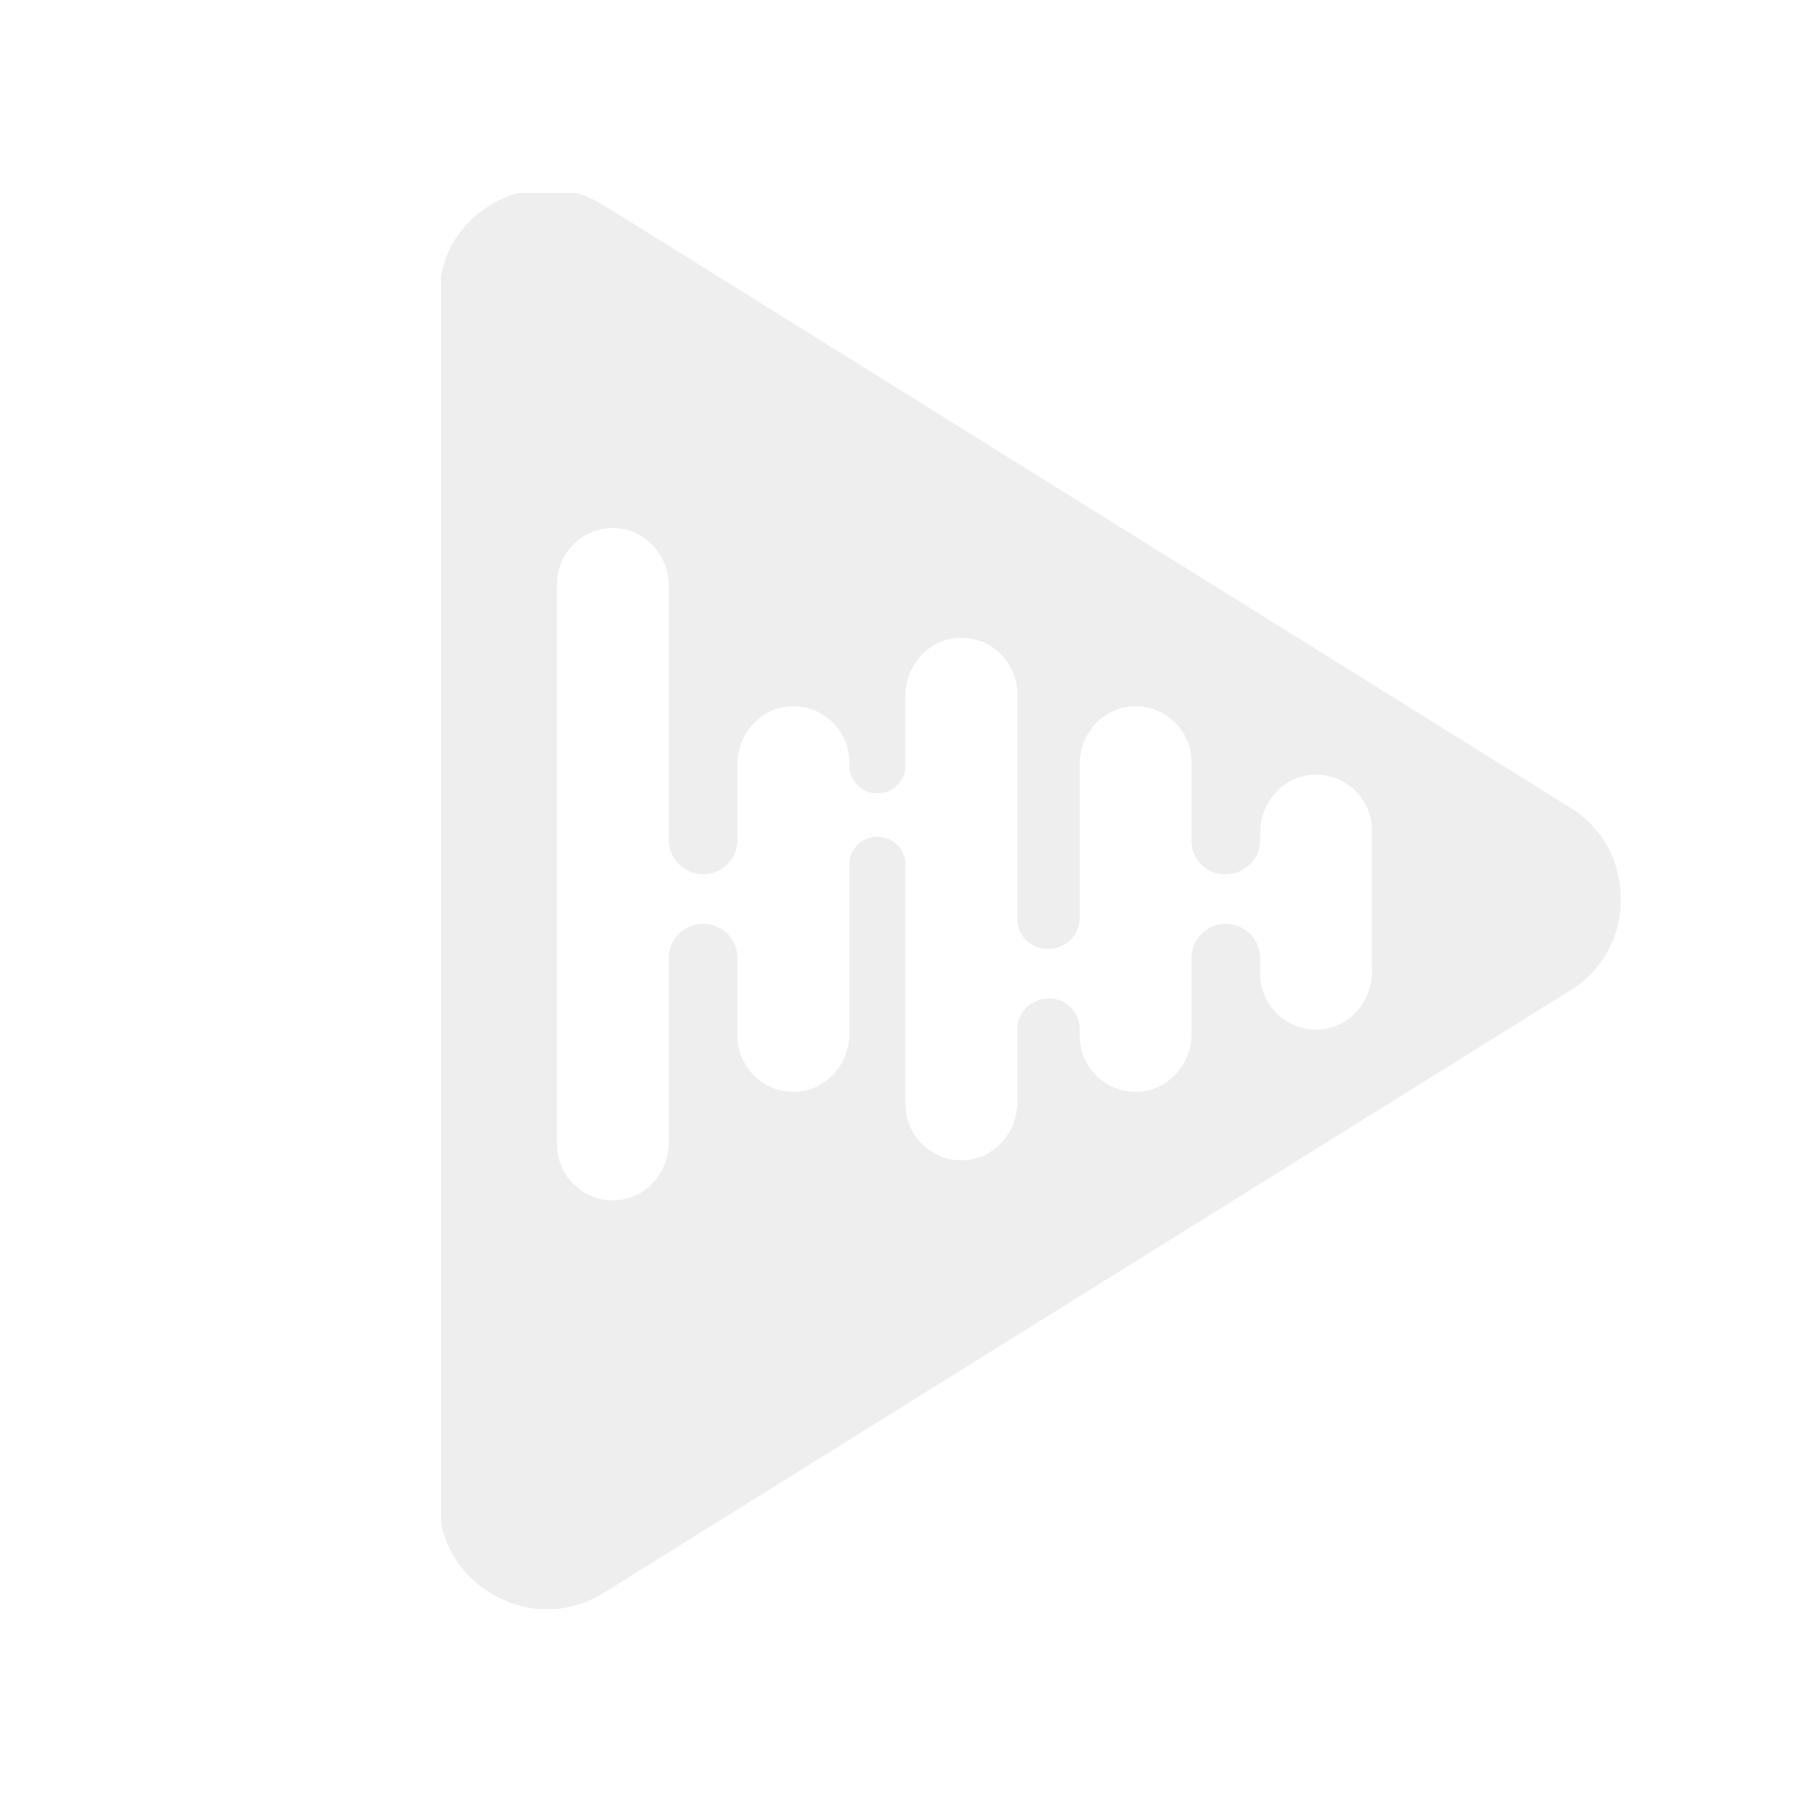 Audison AP SPK OUT 4.9